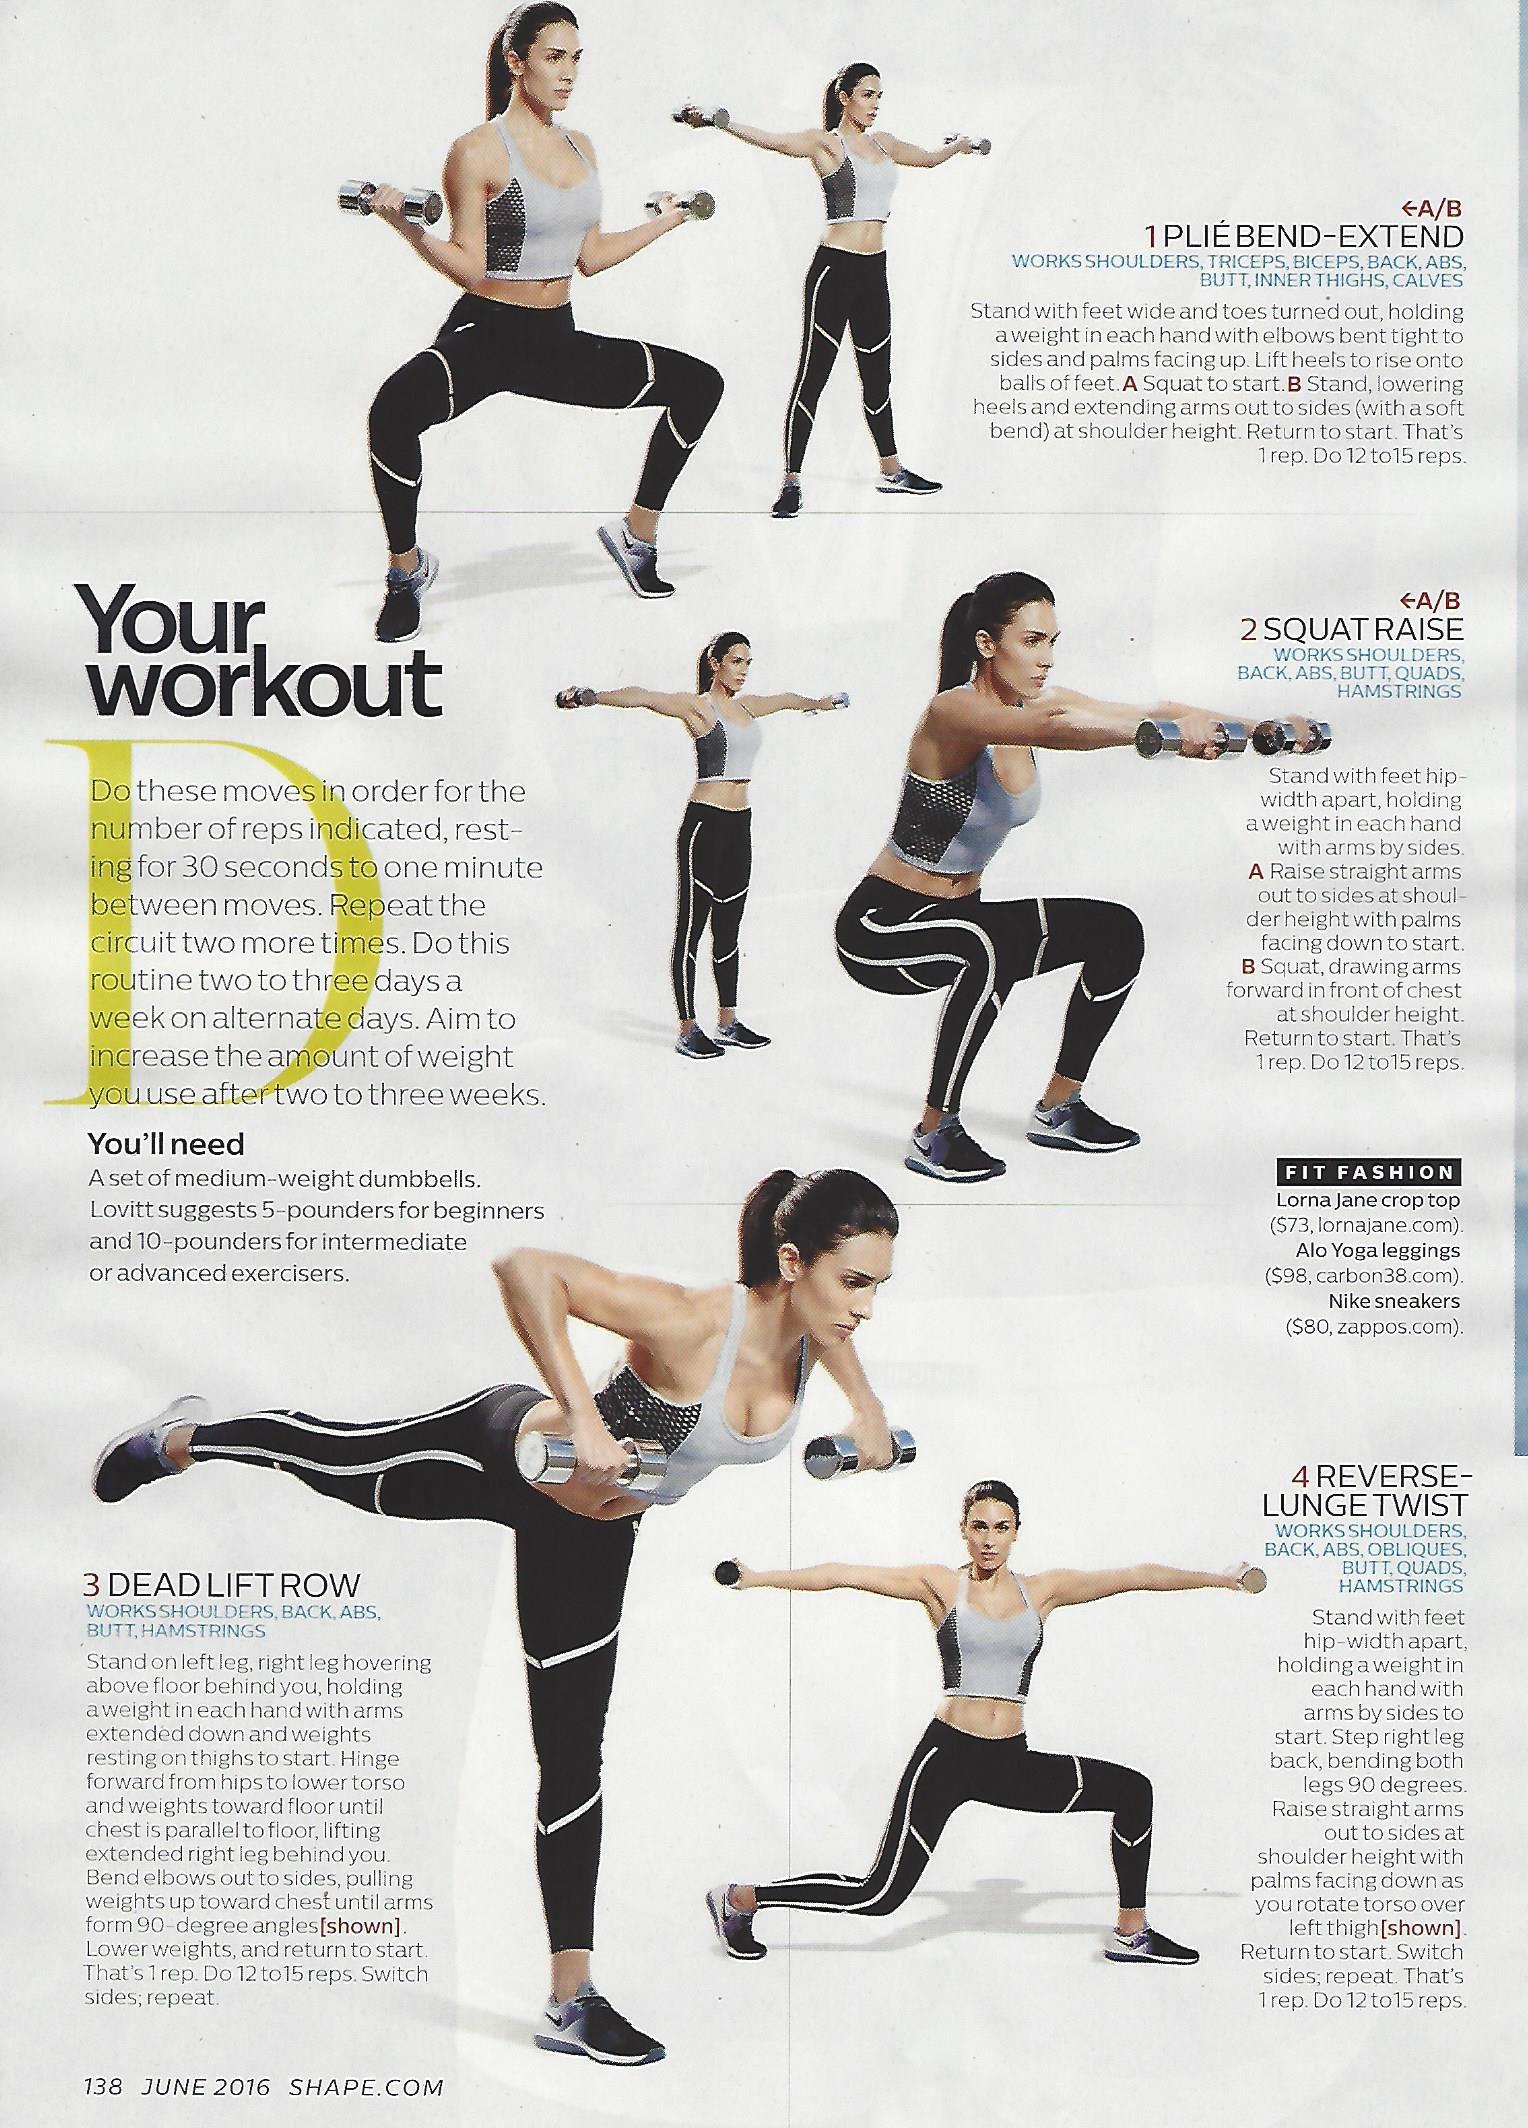 Shoulders workout from @MichelleLovitt seen in